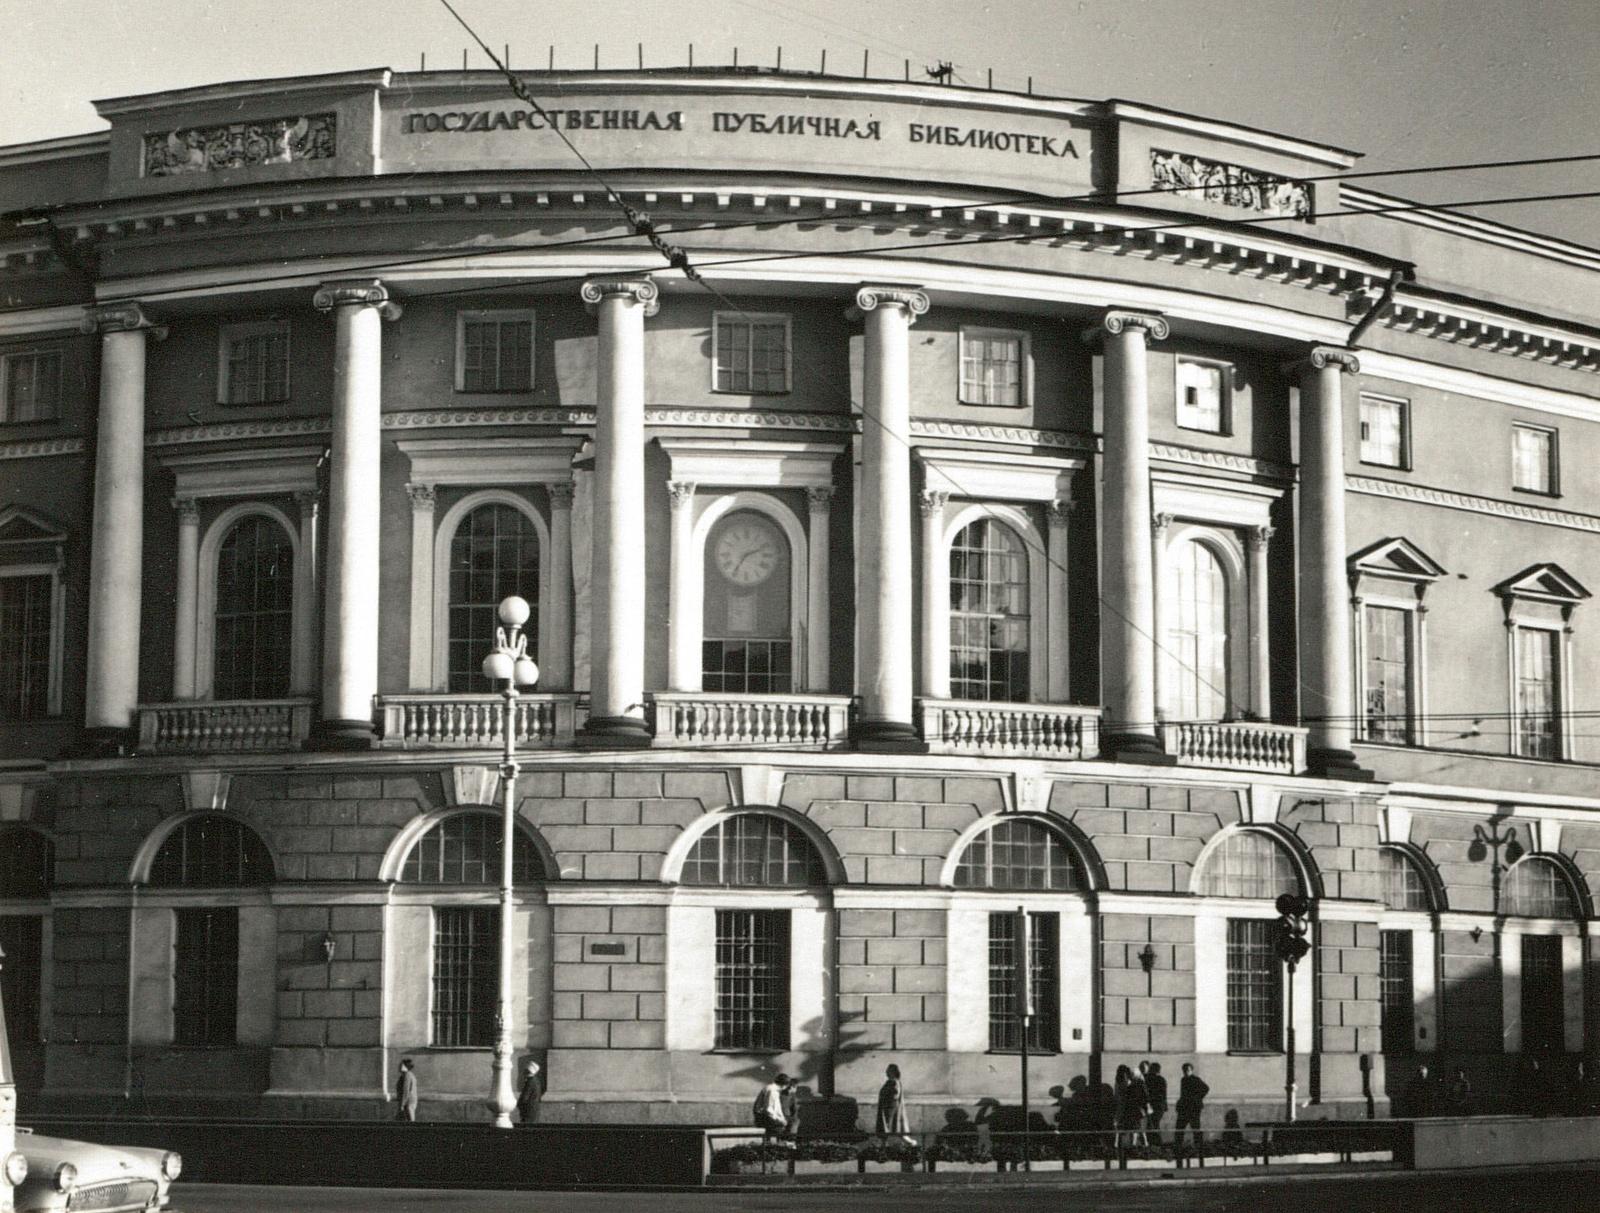 Ленинград. Государственная публичная библиотека им. Салтыкова-Щедрина